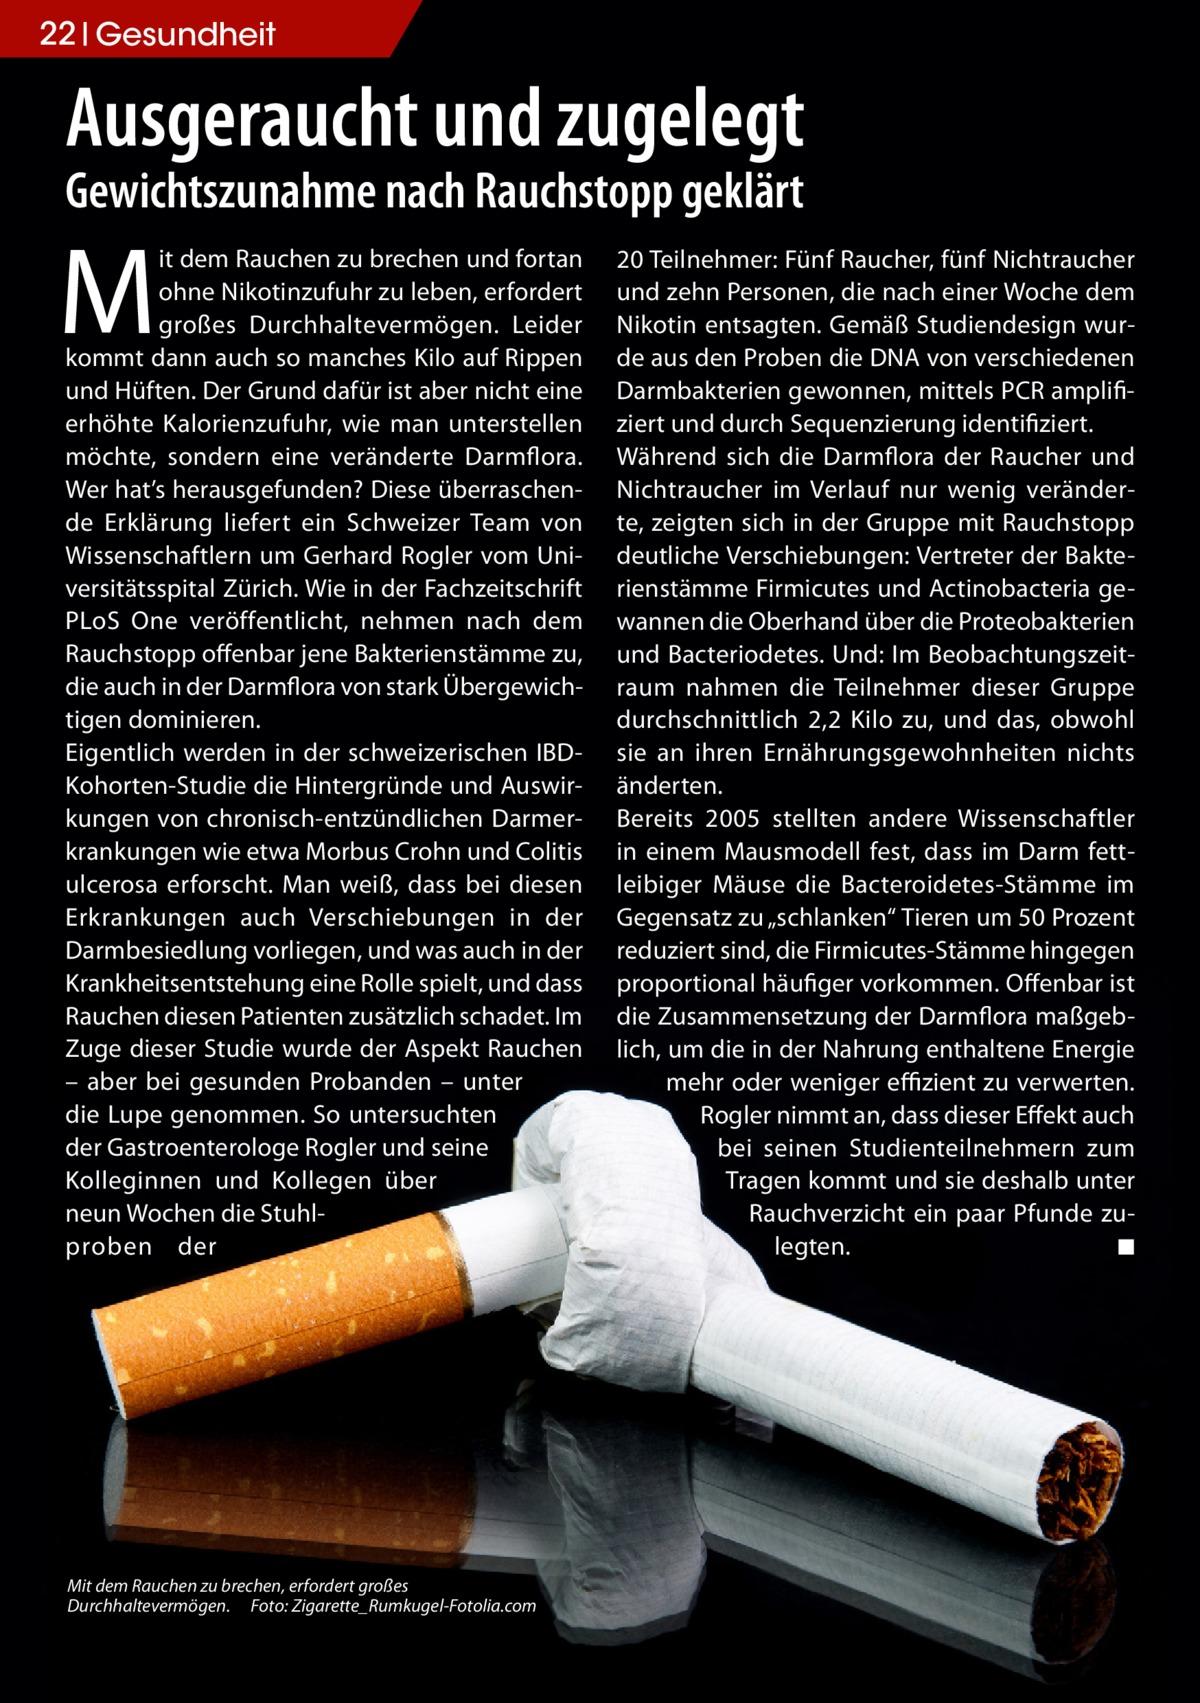 22 Gesundheit  Ausgeraucht und zugelegt Gewichtszunahme nach Rauchstopp geklärt  M  it dem Rauchen zu brechen und fortan ohne Nikotinzufuhr zu leben, erfordert großes Durchhaltevermögen. Leider kommt dann auch so manches Kilo auf Rippen und Hüften. Der Grund dafür ist aber nicht eine erhöhte Kalorienzufuhr, wie man unterstellen möchte, sondern eine veränderte Darmflora. Wer hat's herausgefunden? Diese überraschende Erklärung liefert ein Schweizer Team von Wissenschaftlern um Gerhard Rogler vom Universitätsspital Zürich. Wie in der Fachzeitschrift PLoS One veröffentlicht, nehmen nach dem Rauchstopp offenbar jene Bakterienstämme zu, die auch in der Darmflora von stark Übergewichtigen dominieren. Eigentlich werden in der schweizerischen IBDKohorten-Studie die Hintergründe und Auswirkungen von chronisch-entzündlichen Darmerkrankungen wie etwa Morbus Crohn und Colitis ulcerosa erforscht. Man weiß, dass bei diesen Erkrankungen auch Verschiebungen in der Darmbesiedlung vorliegen, und was auch in der Krankheitsentstehung eine Rolle spielt, und dass Rauchen diesen Patienten zusätzlich schadet. Im Zuge dieser Studie wurde der Aspekt Rauchen – aber bei gesunden Probanden – unter die Lupe genommen. So untersuchten der Gastroenterologe Rogler und seine Kolleginnen und Kollegen über neun Wochen die Stuhlproben der  Mit dem Rauchen zu brechen, erfordert großes Durchhaltevermögen.� Foto: Zigarette_Rumkugel-Fotolia.com  20Teilnehmer: Fünf Raucher, fünf Nichtraucher und zehn Personen, die nach einer Woche dem Nikotin entsagten. Gemäß Studiendesign wurde aus den Proben die DNA von verschiedenen Darmbakterien gewonnen, mittels PCR amplifiziert und durch Sequenzierung identifiziert. Während sich die Darmflora der Raucher und Nichtraucher im Verlauf nur wenig veränderte, zeigten sich in der Gruppe mit Rauchstopp deutliche Verschiebungen: Vertreter der Bakterienstämme Firmicutes und Actinobacteria gewannen die Oberhand über die Proteobakterien und Bacteriodetes. Und: Im Beobachtungszeitra